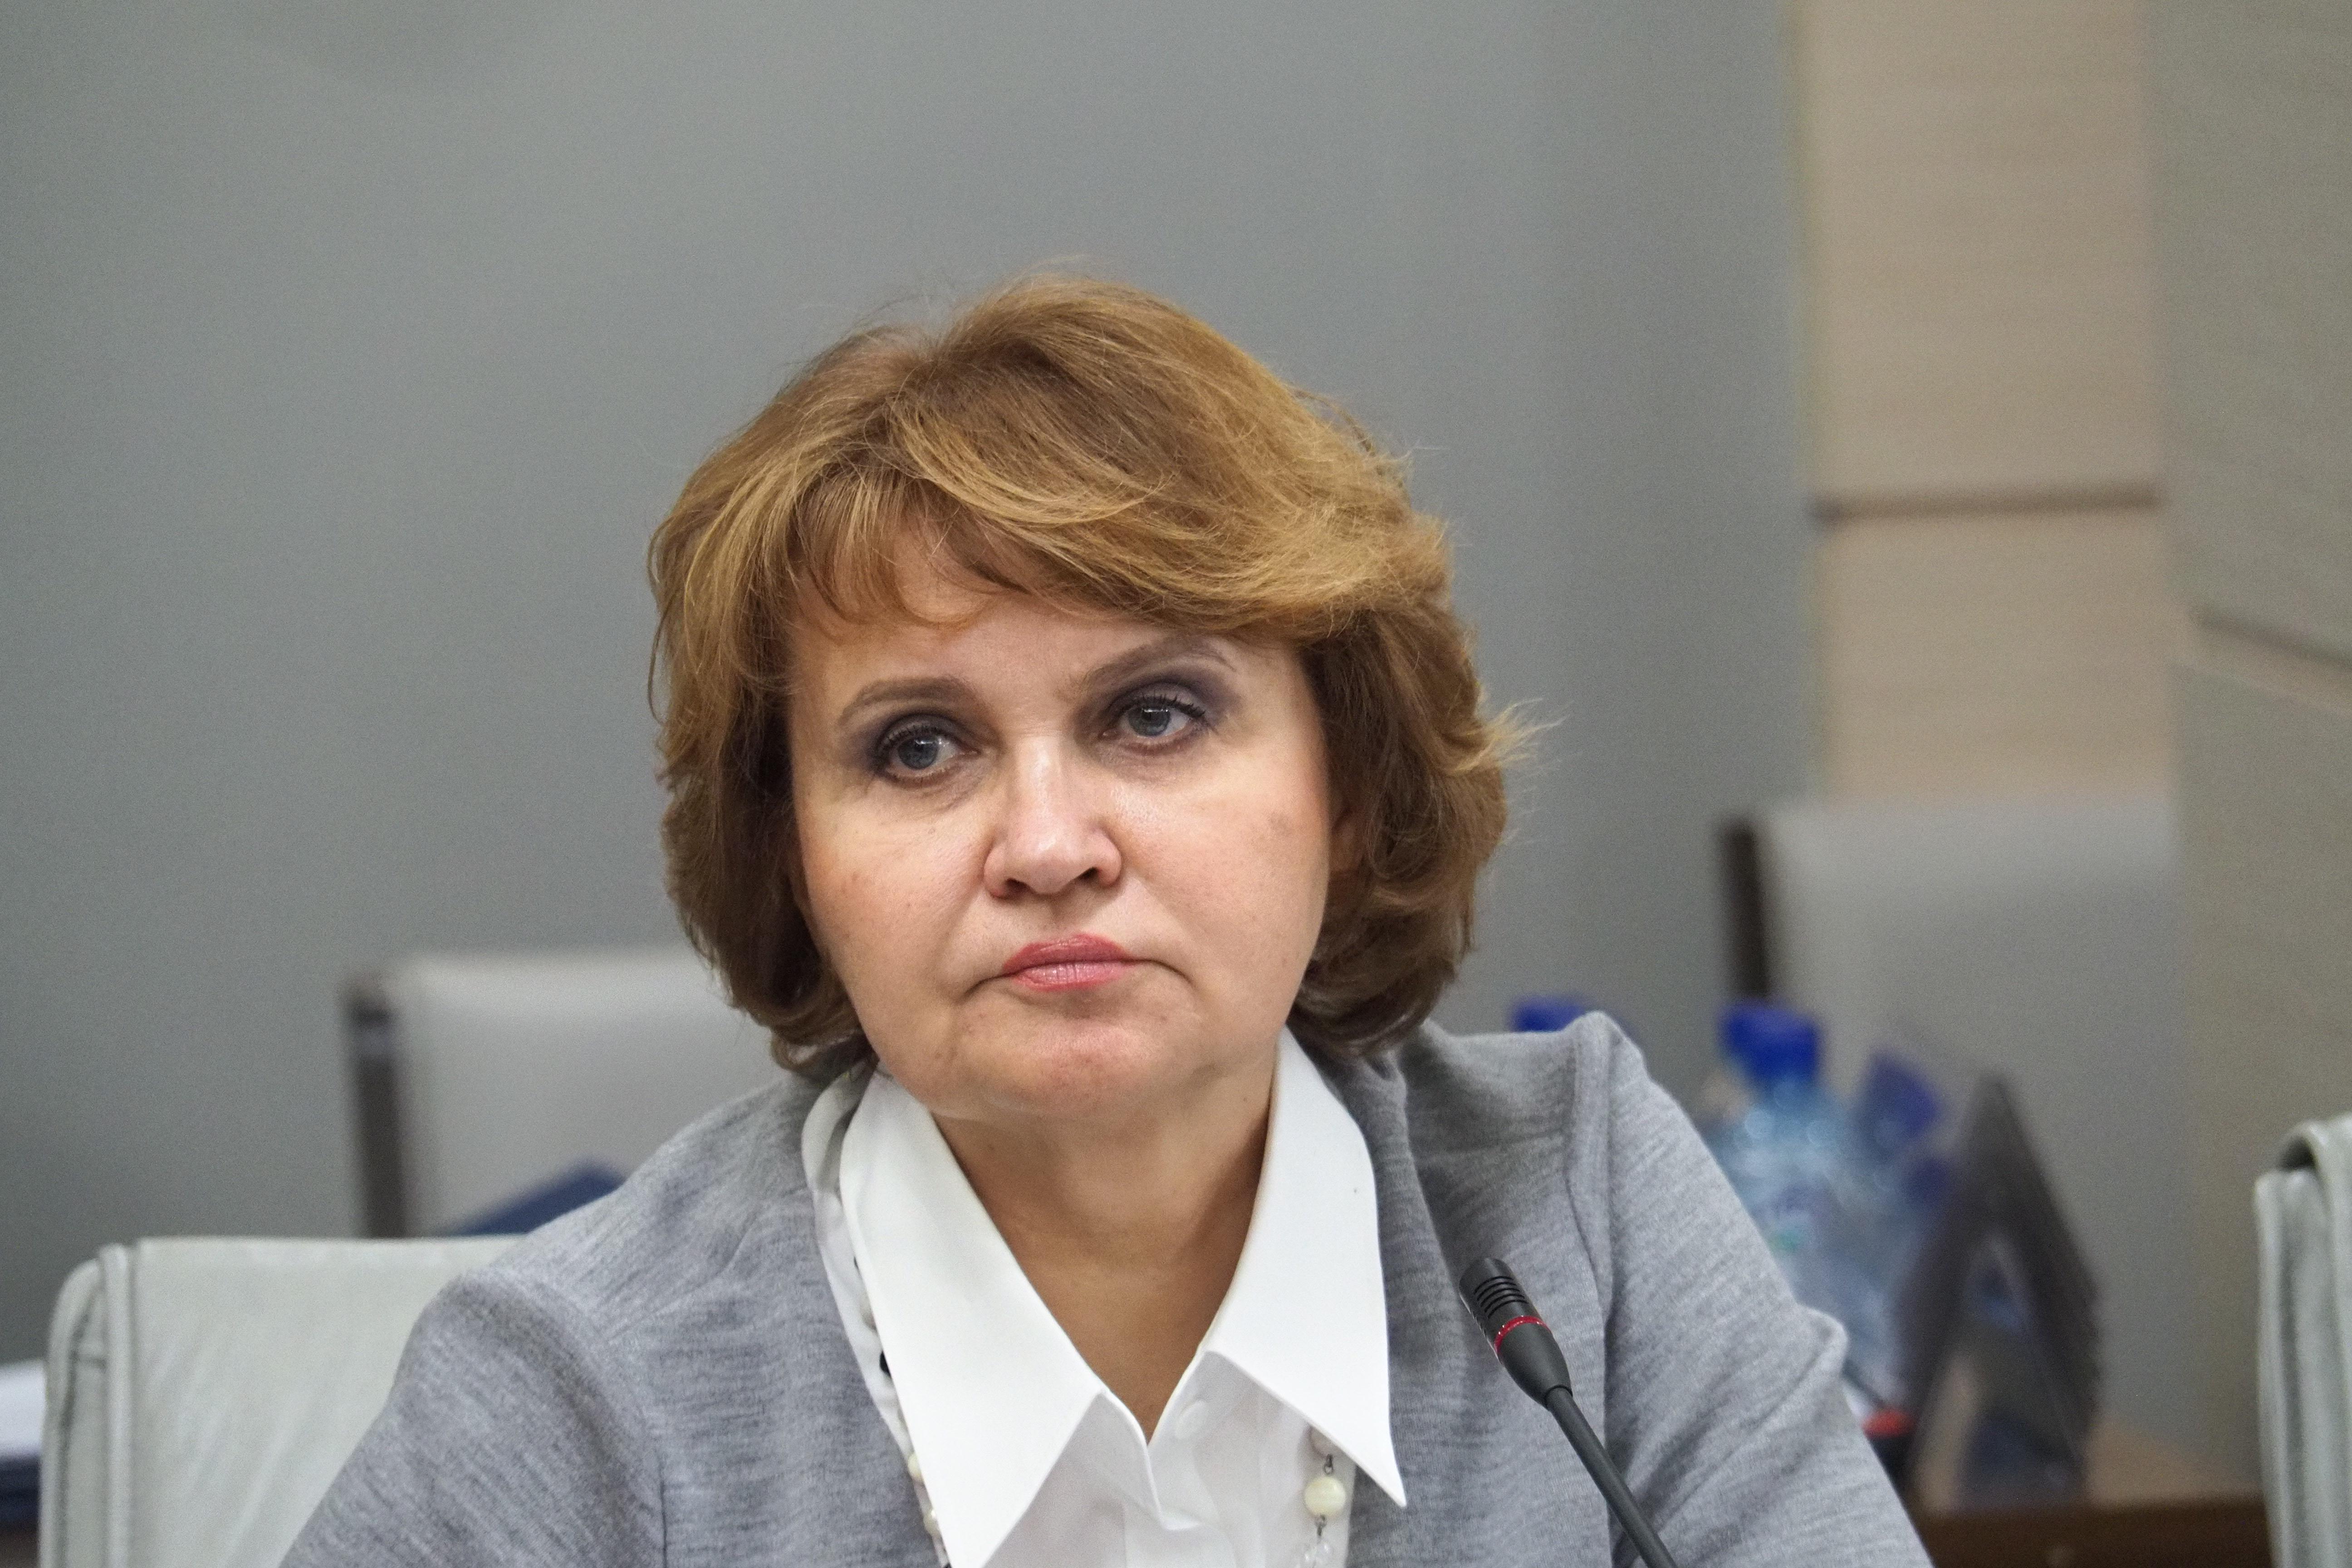 Депутат МГД Гусева: Соцподдержка безработных требует большего бюджета